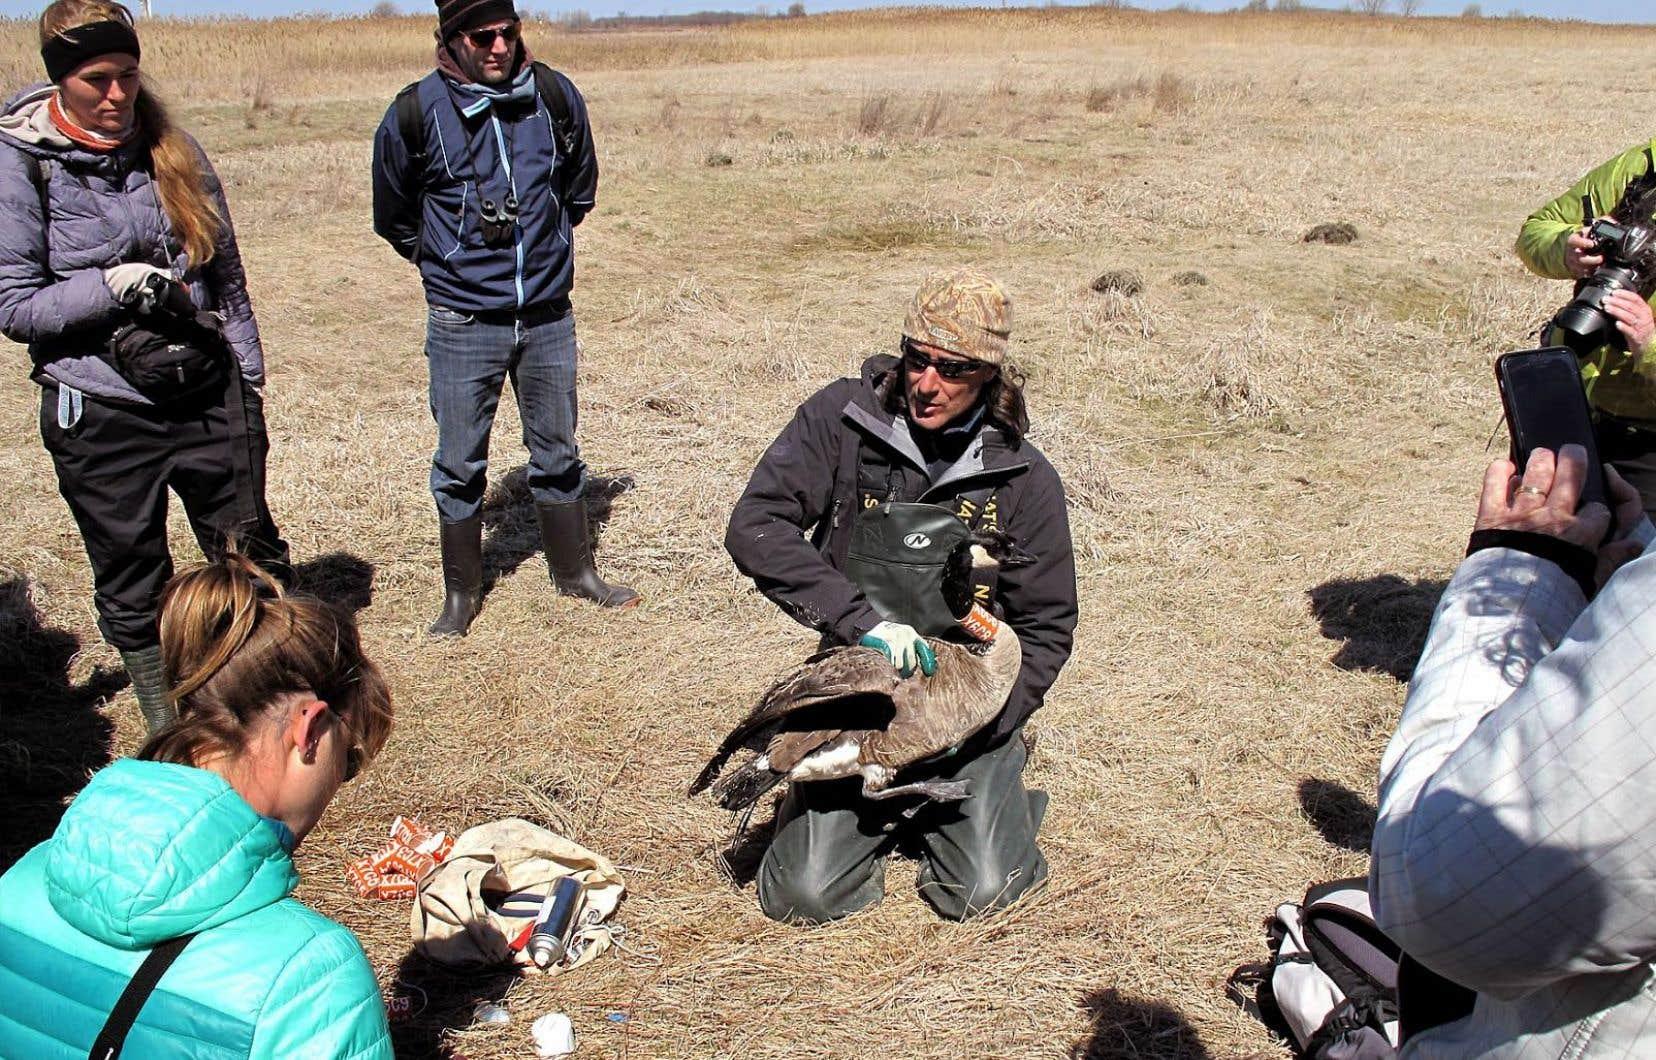 Le Cœur des sciences de l'UQAM organise des excursions pour observer les bernaches en compagnie de chercheurs.